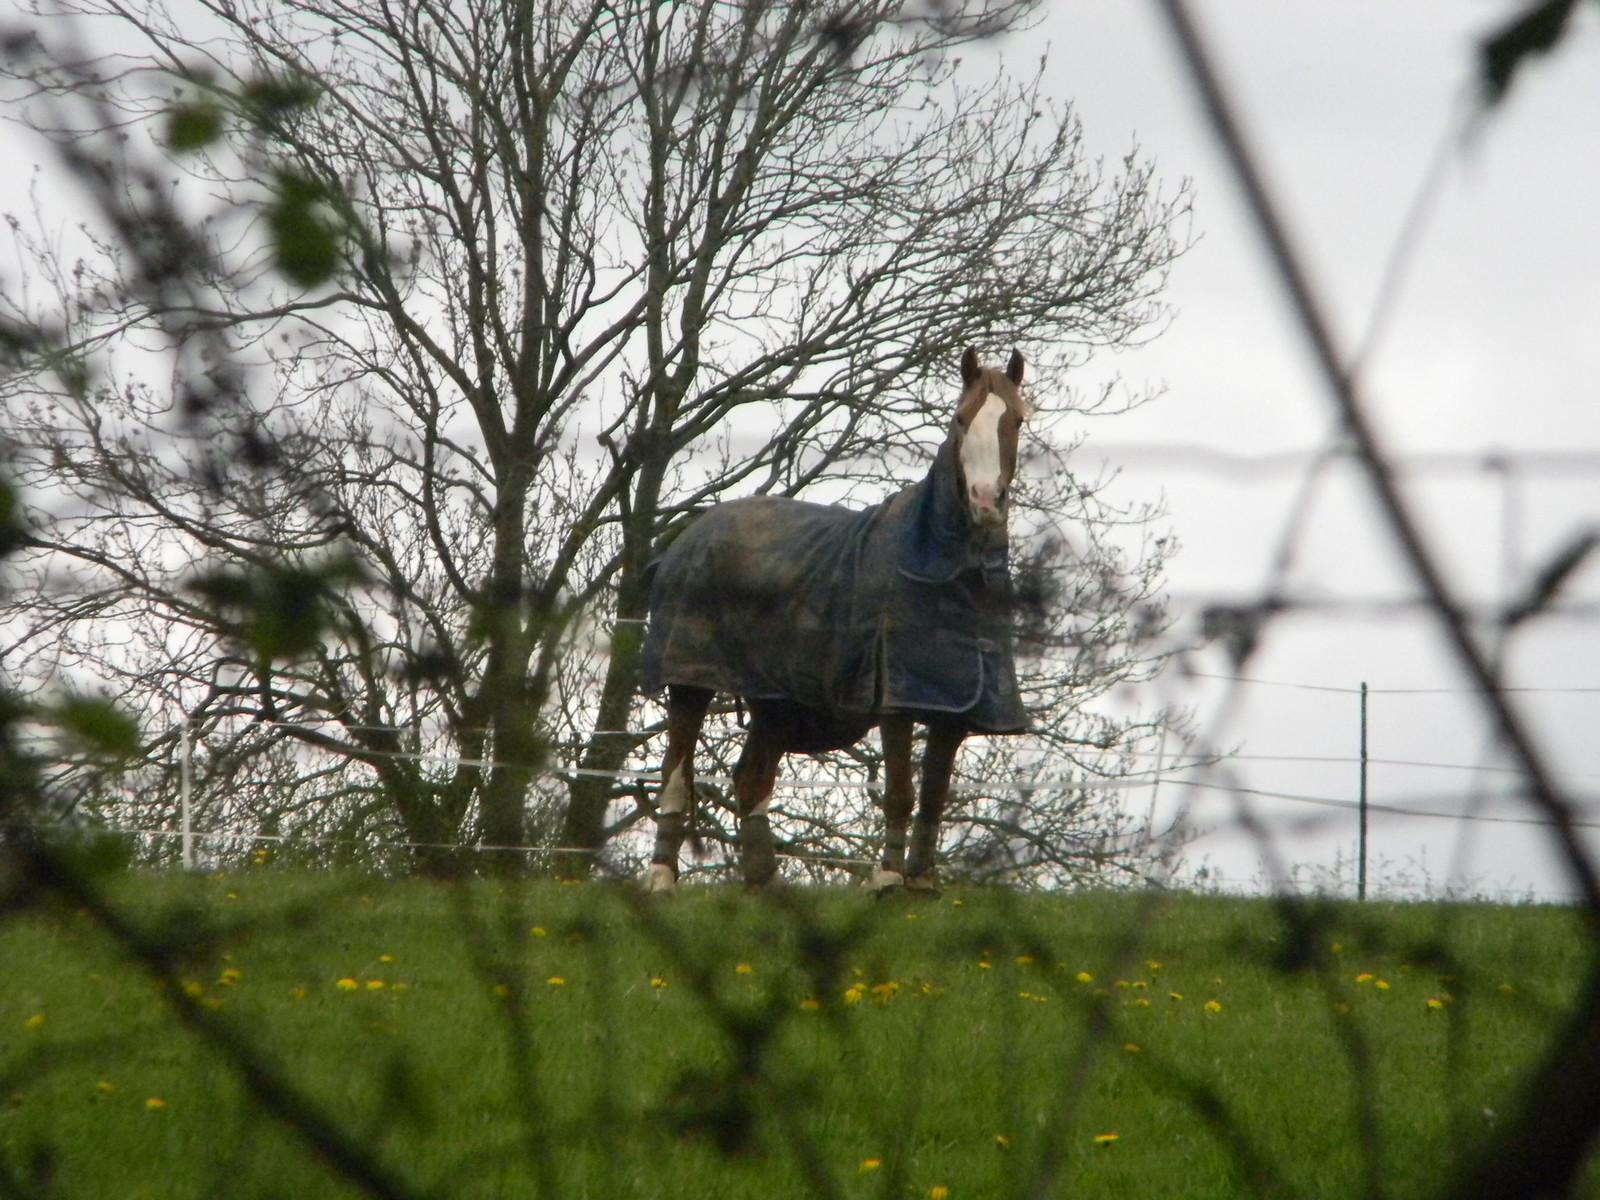 Watchful horse Wendover Circular via Lee